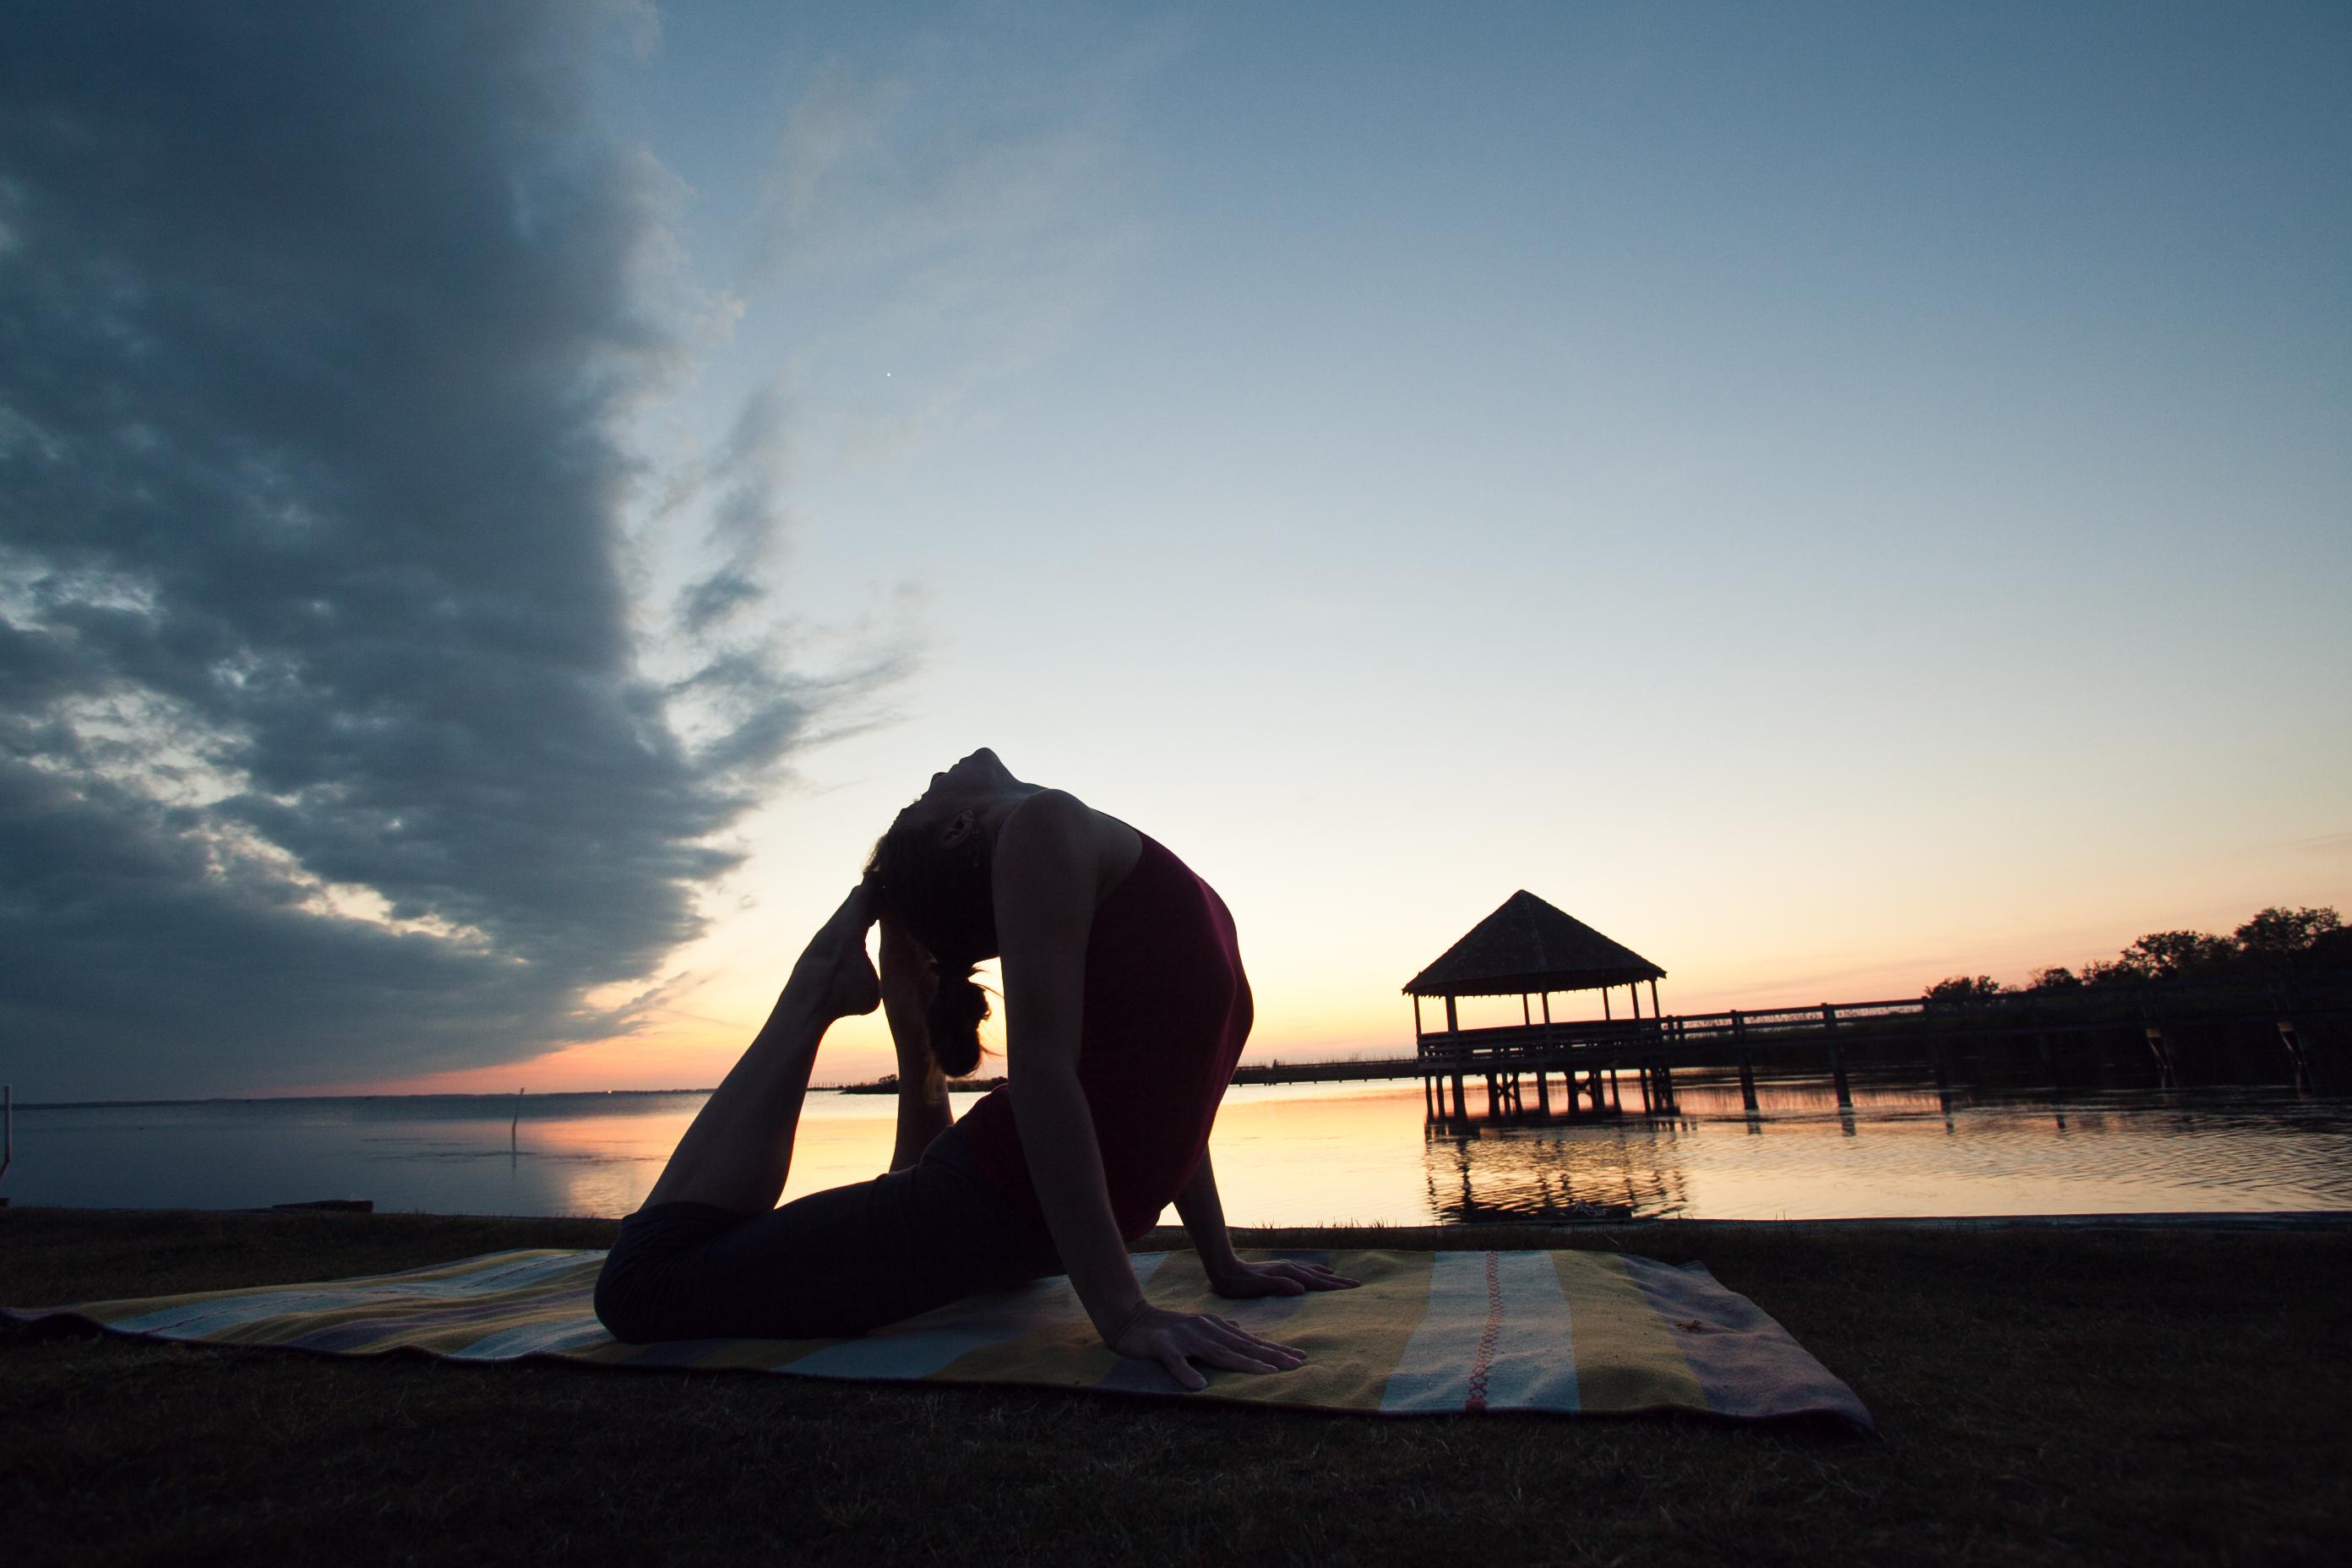 Ashtanga Yoga Center, Outer Banks, NC